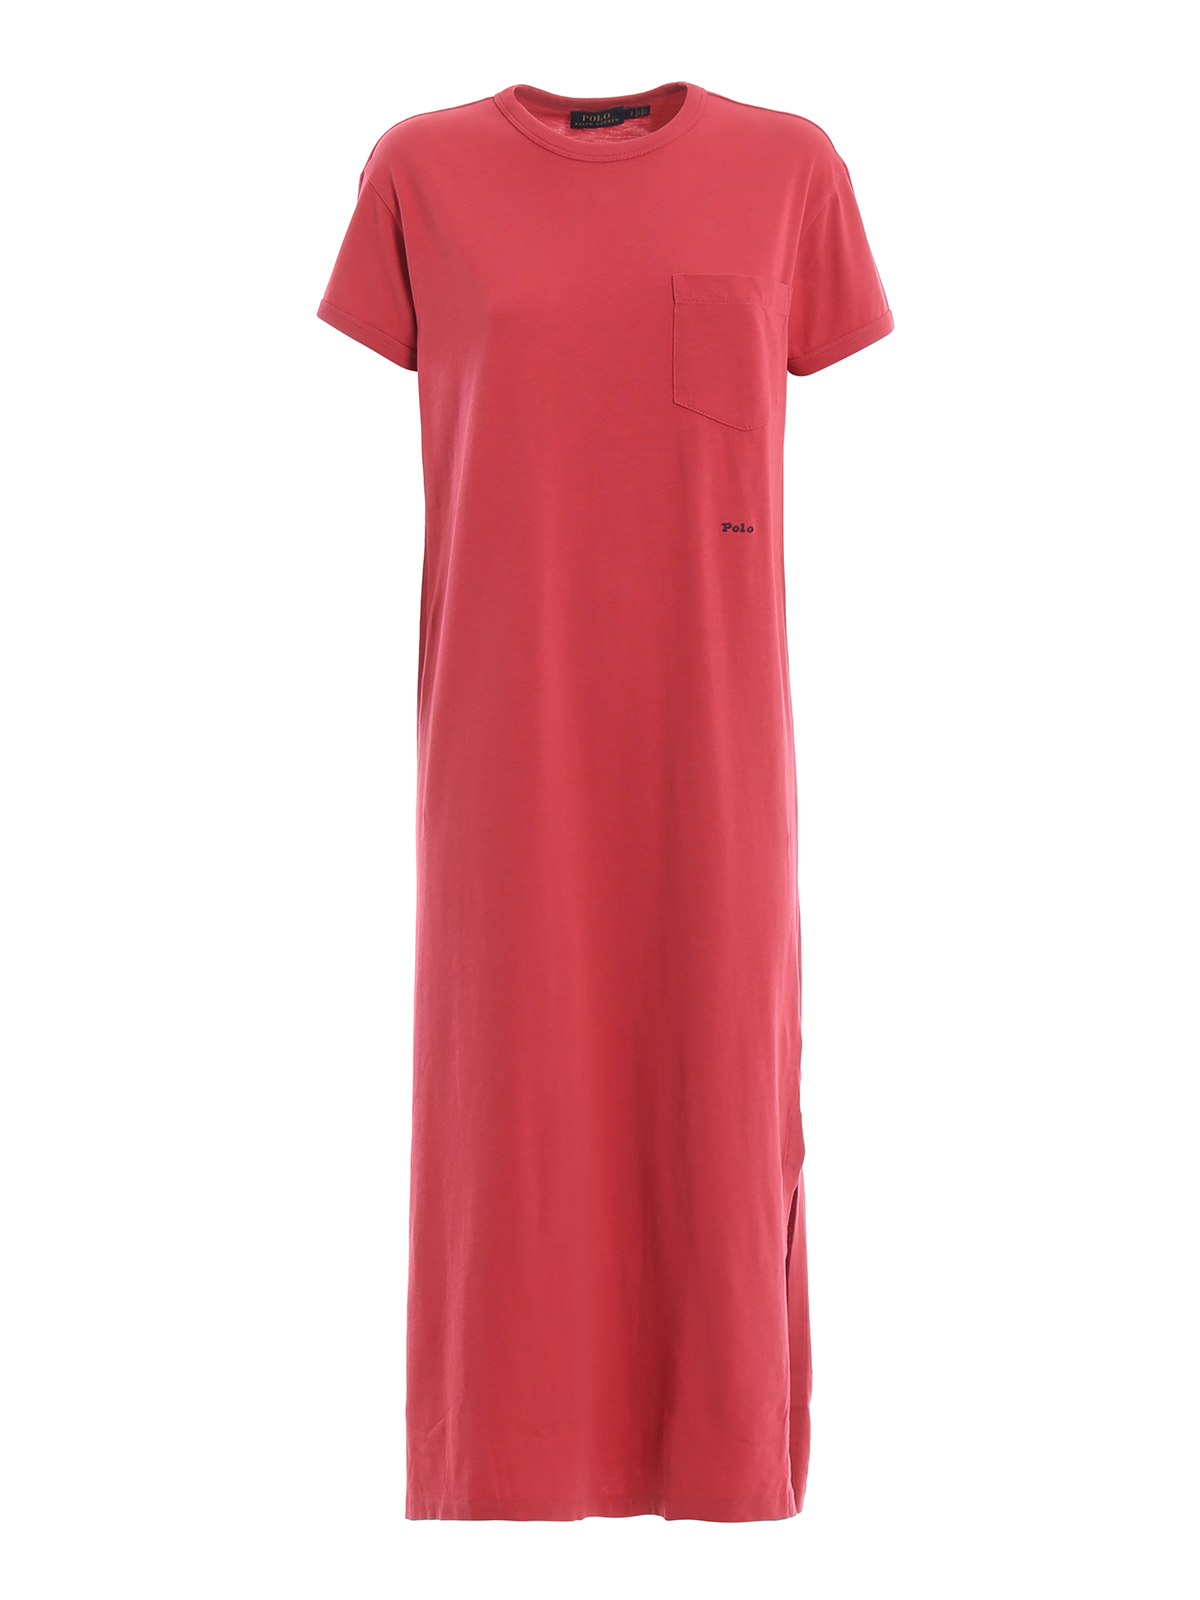 Red Maxi Cotton Polo Lauren Jersey Ralph Fading Tee Dress roxBCeWd